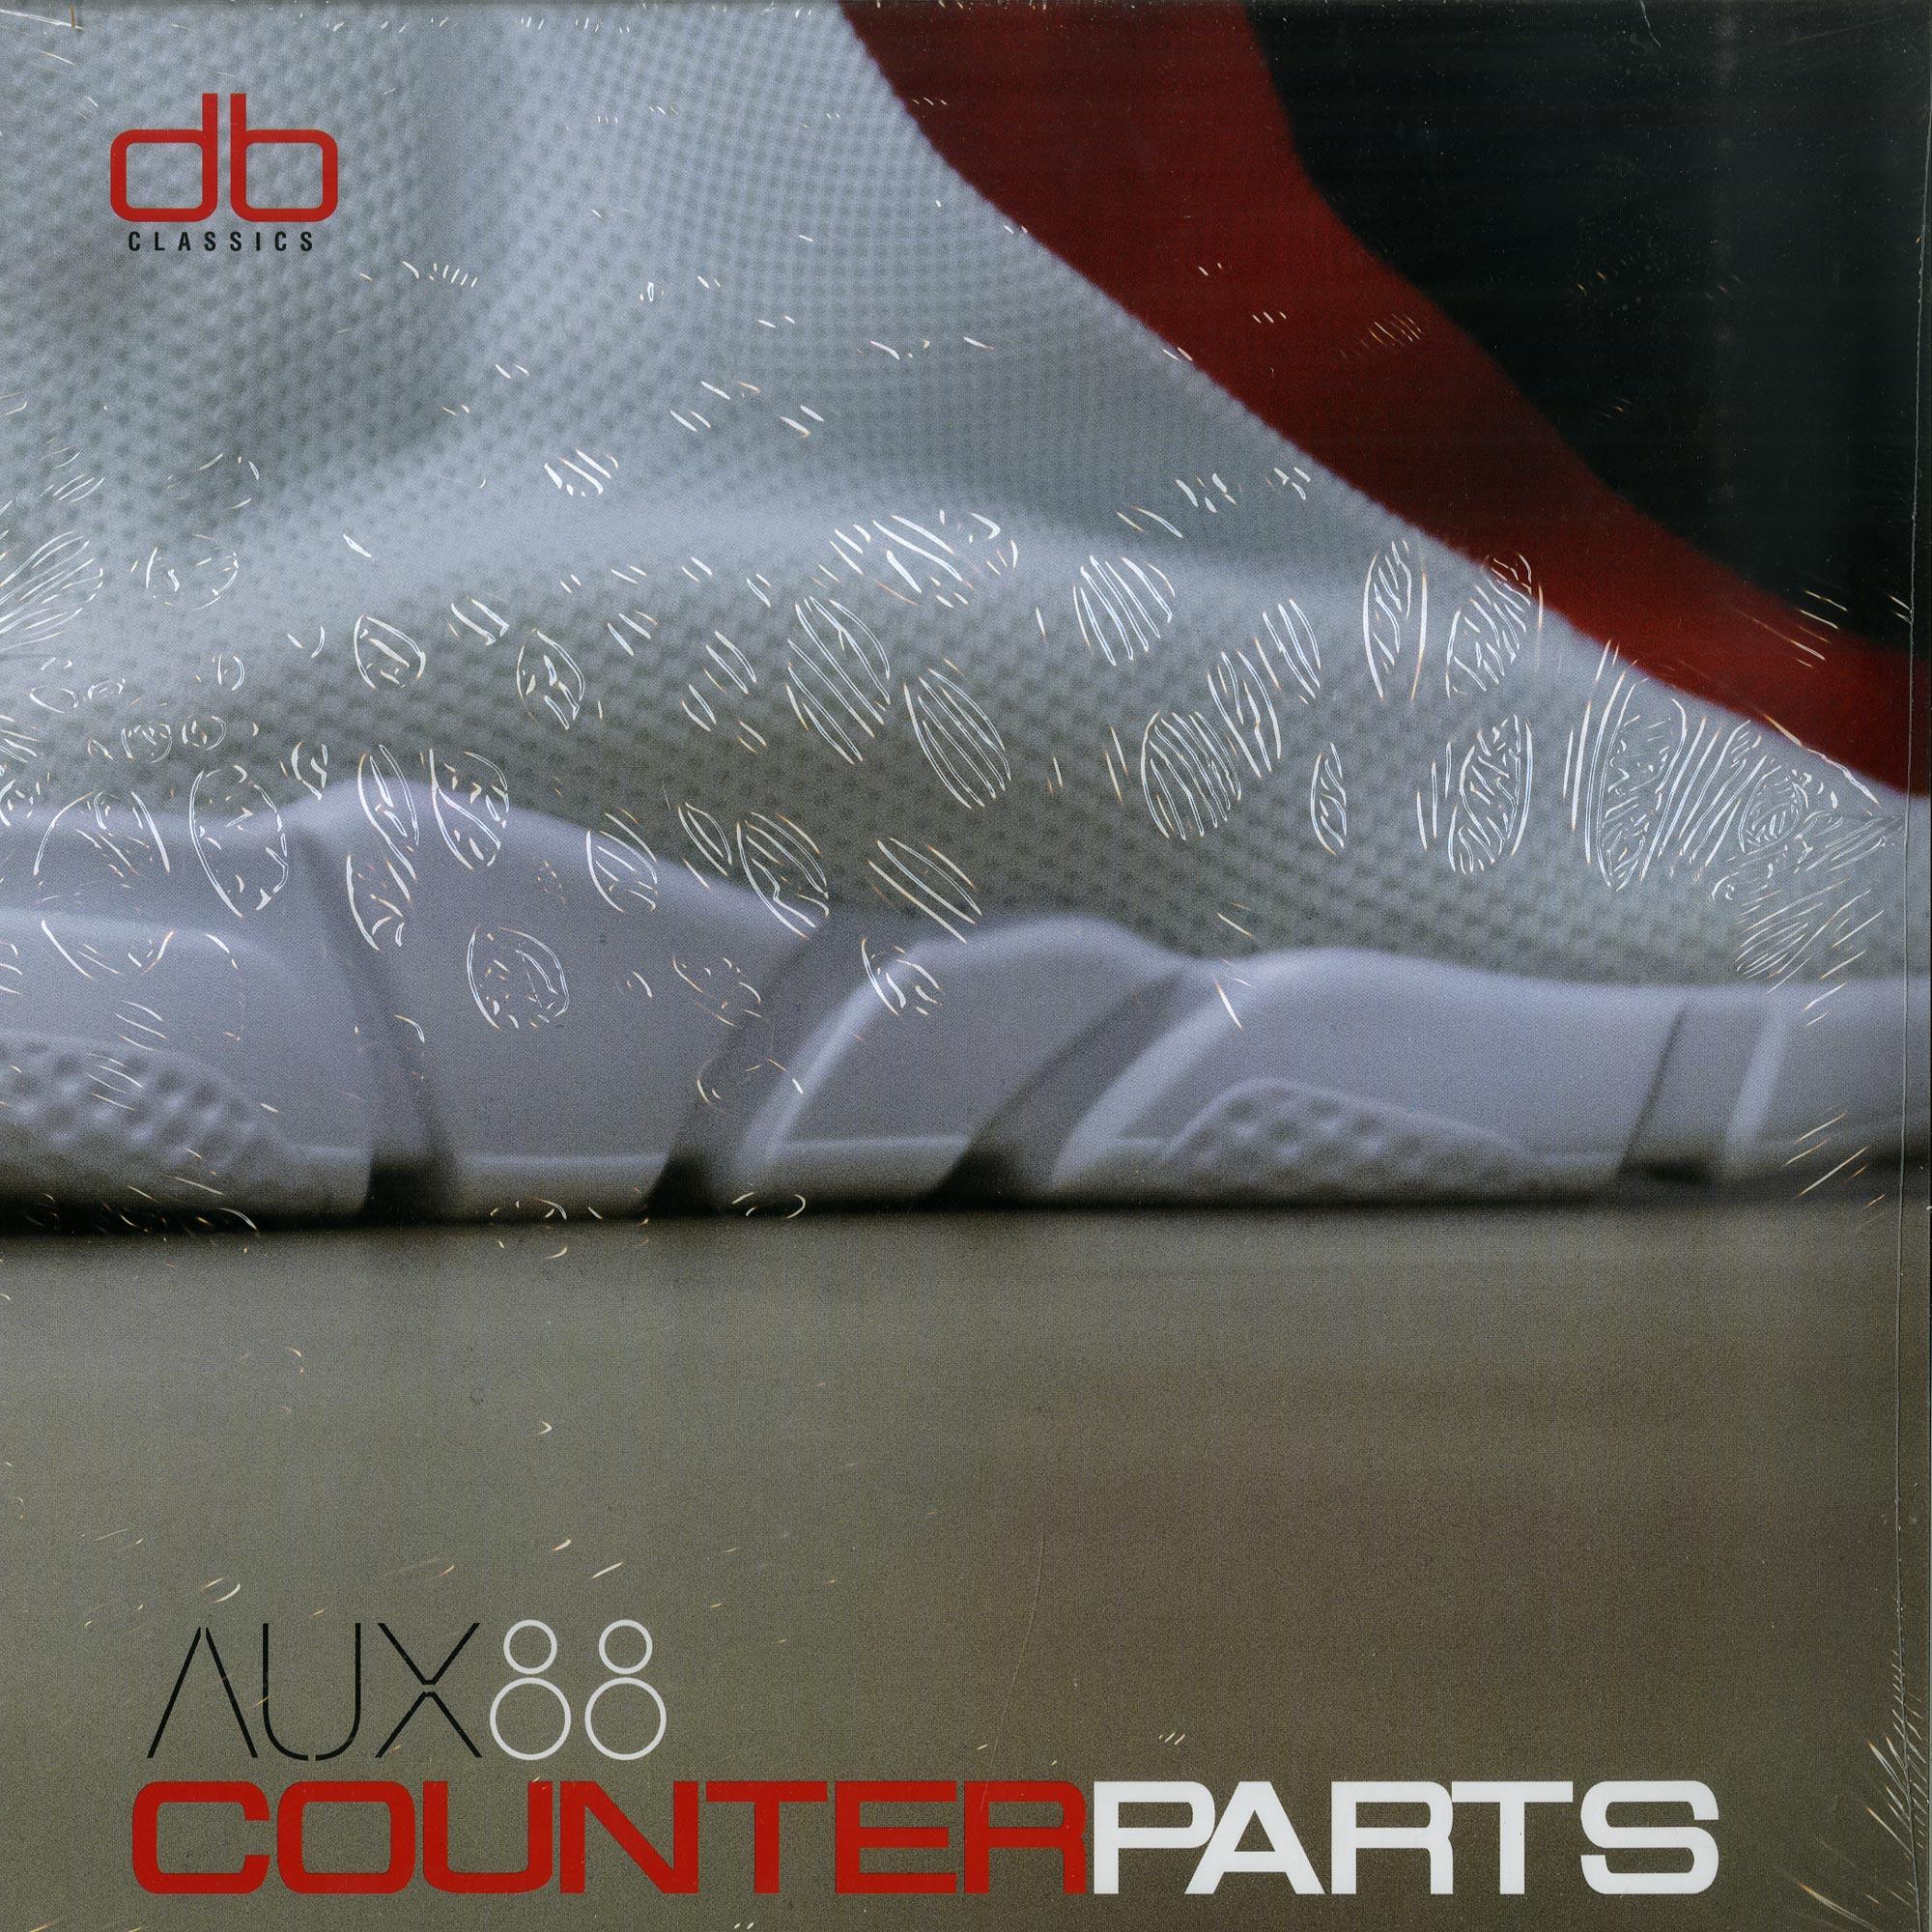 AUX 88 - COUNTERPARTS